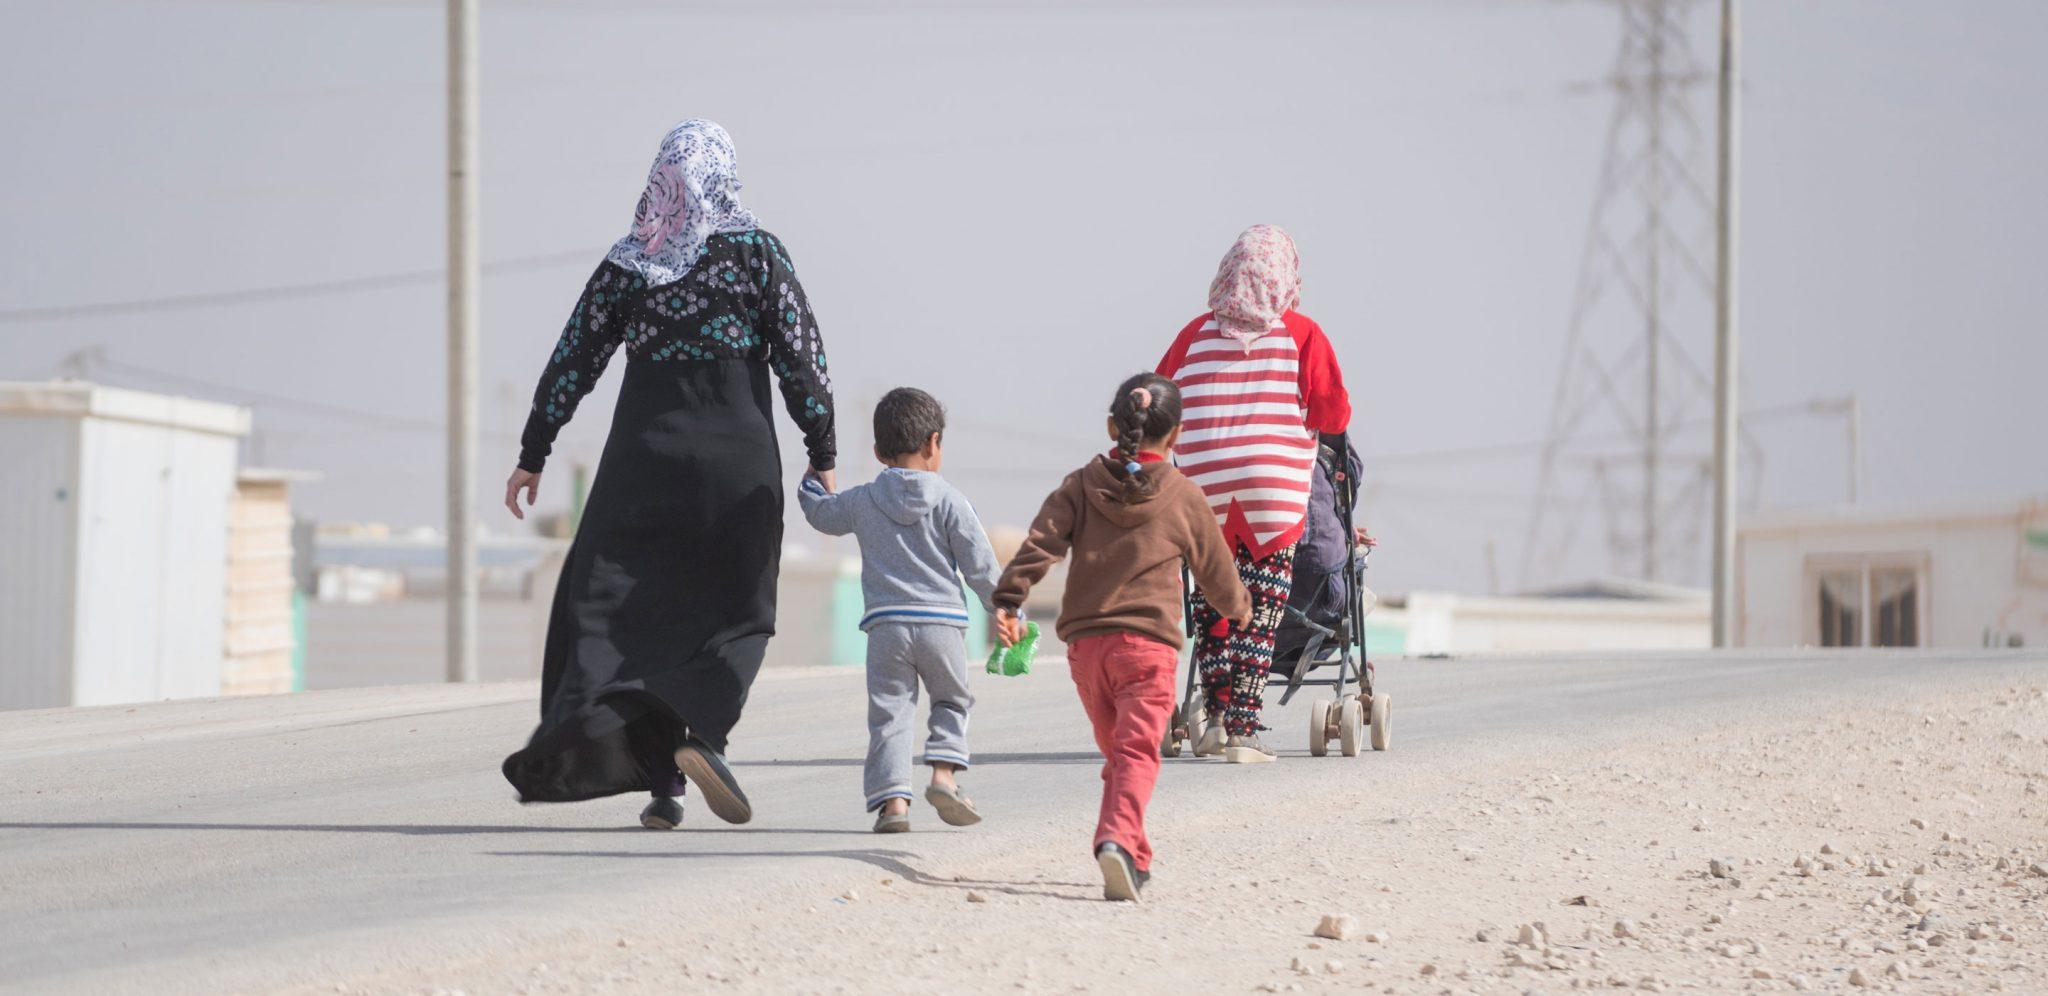 Många människor på flykt från Syrien tvingas bo många år i jordanska läger, där är framför allt kvinnorna ofta skyddslösa och utsatta. Foto: Christopher Herwig